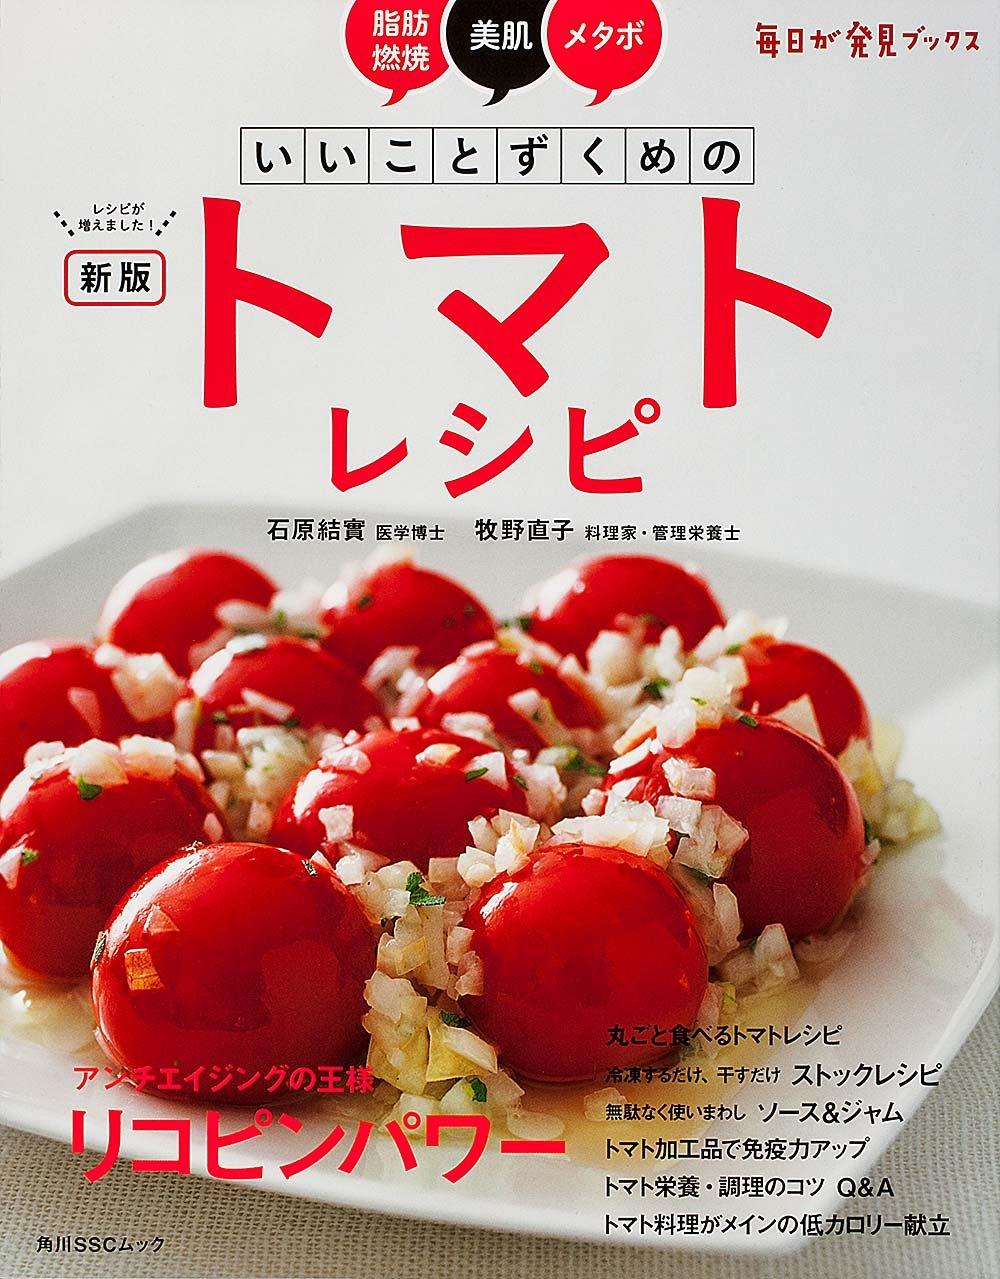 いいことずくめのトマトレシピ―シミ・シワ、メタボ、脳にいい!  ≫